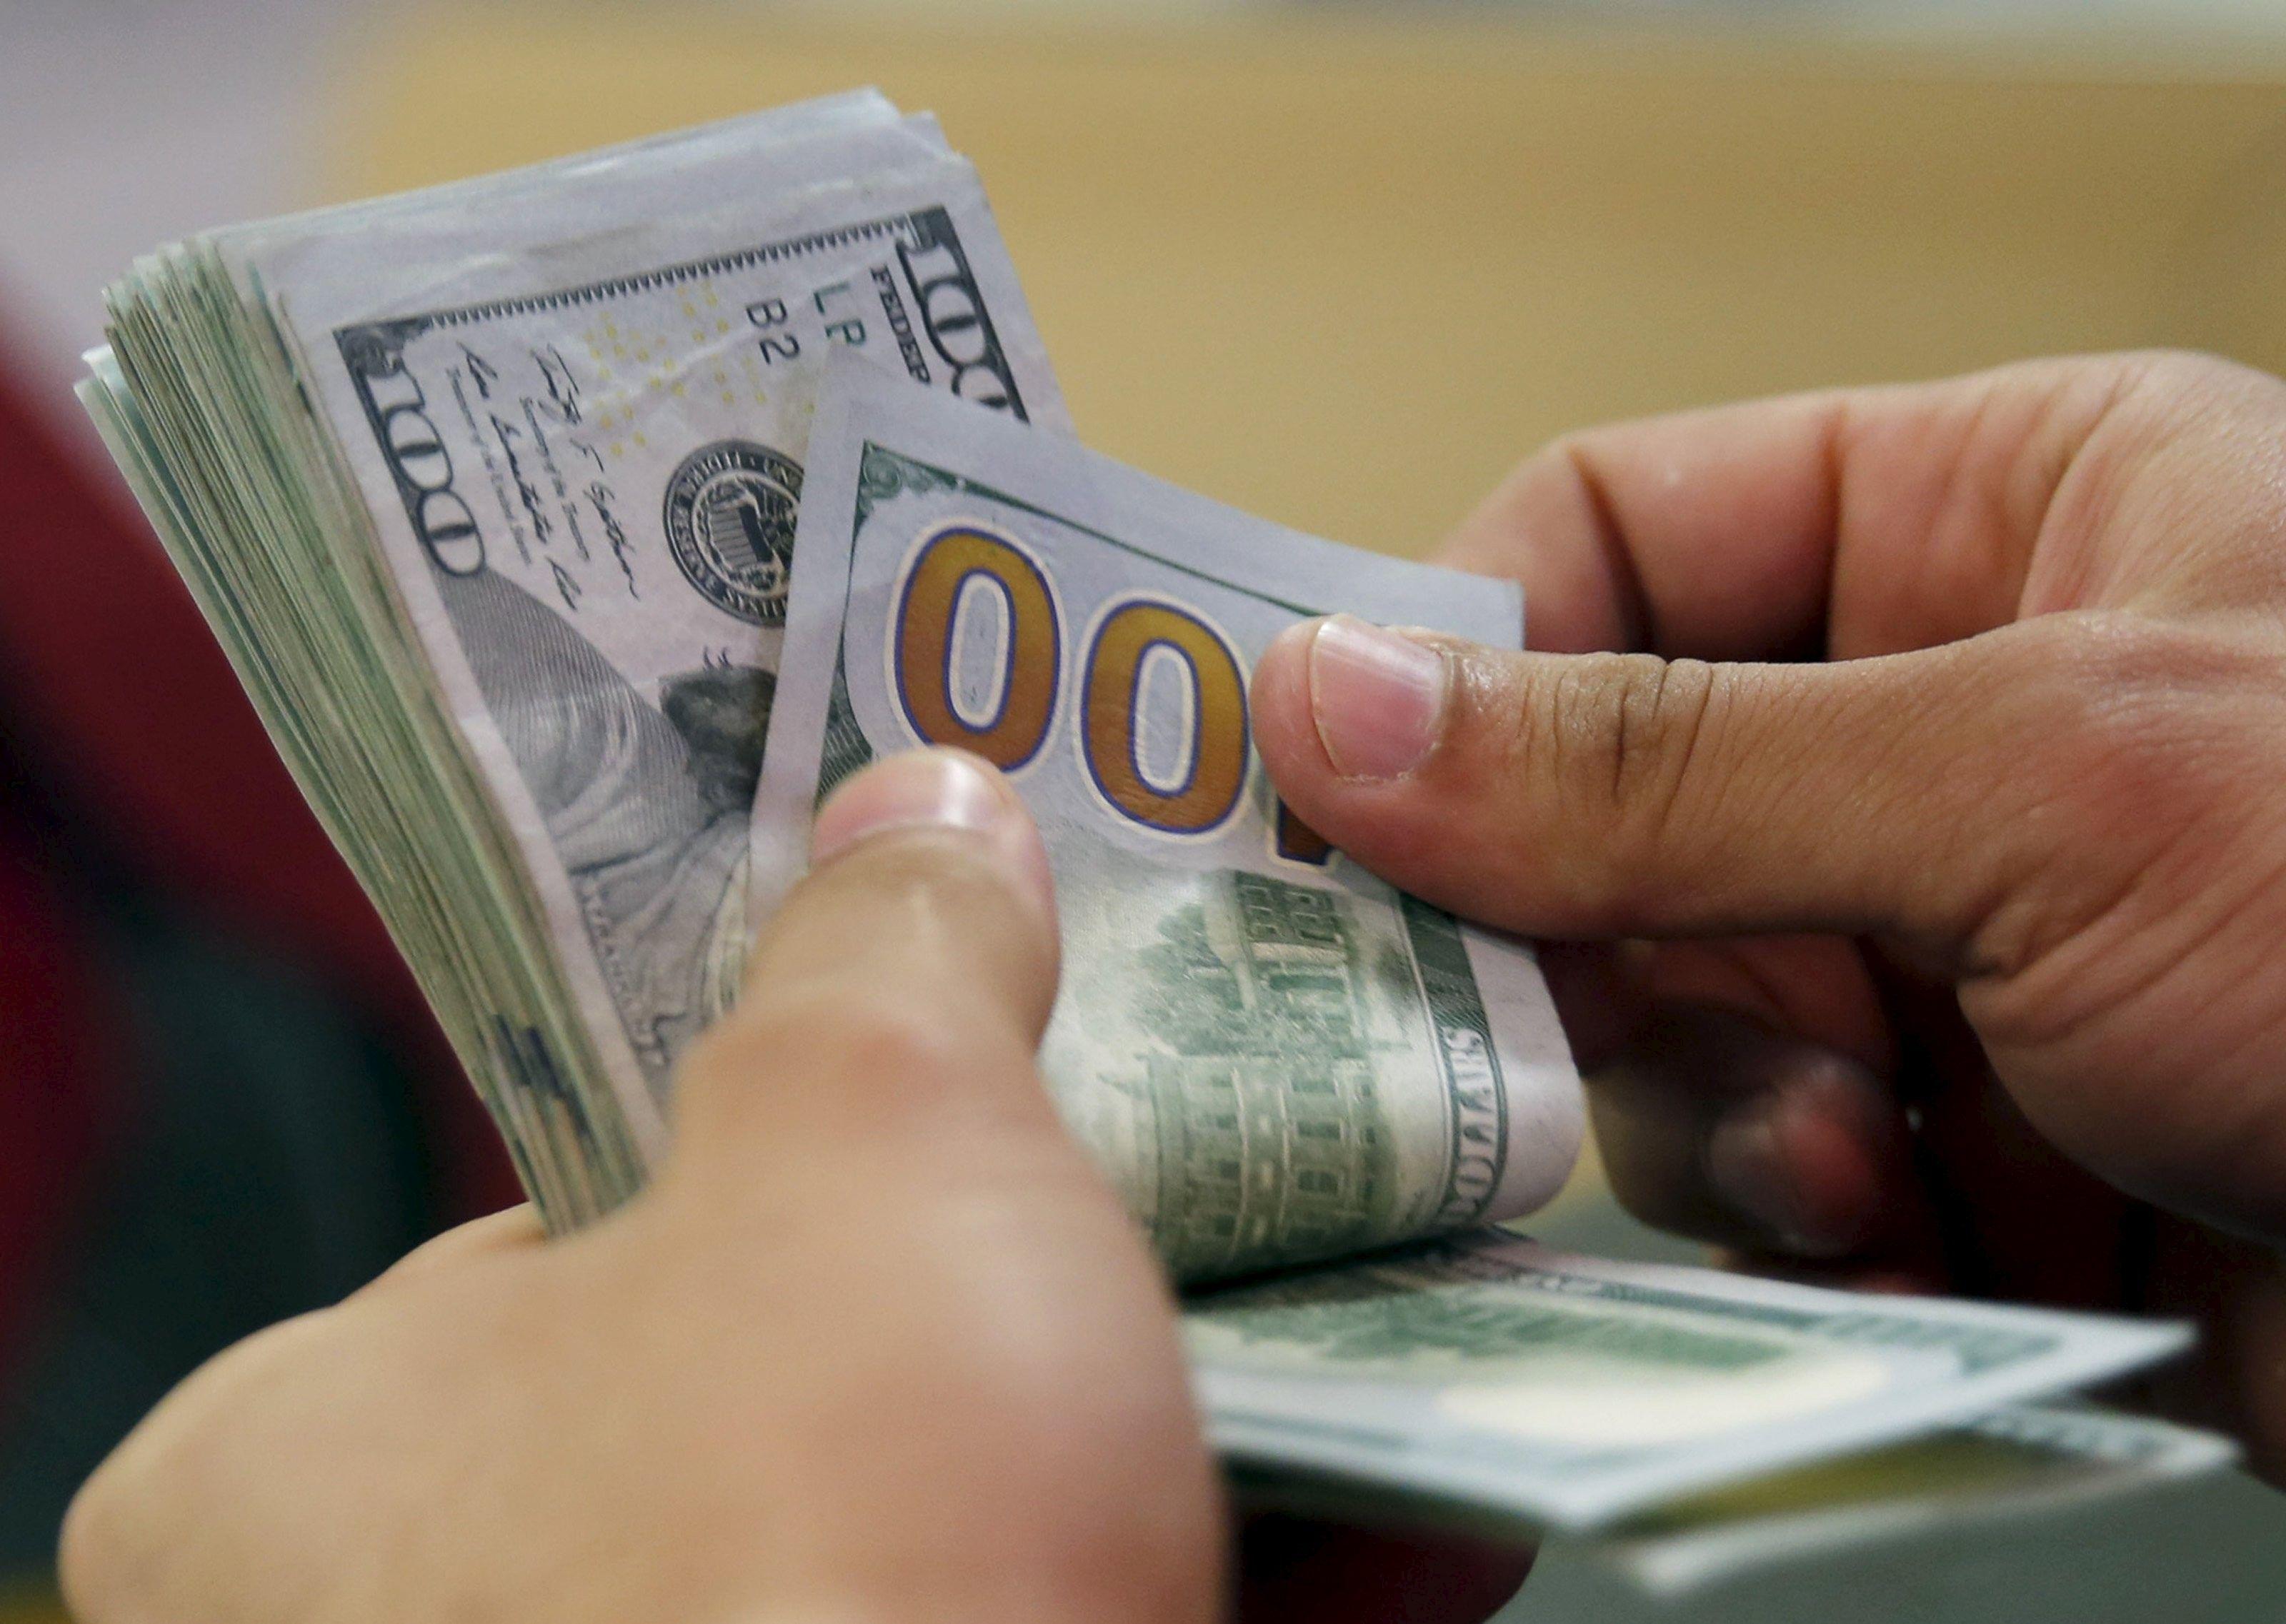 Реструктуризация валютных кредитовбудет производиться на основании заявления заемщика, которое подается кредитору / фото REUTERS